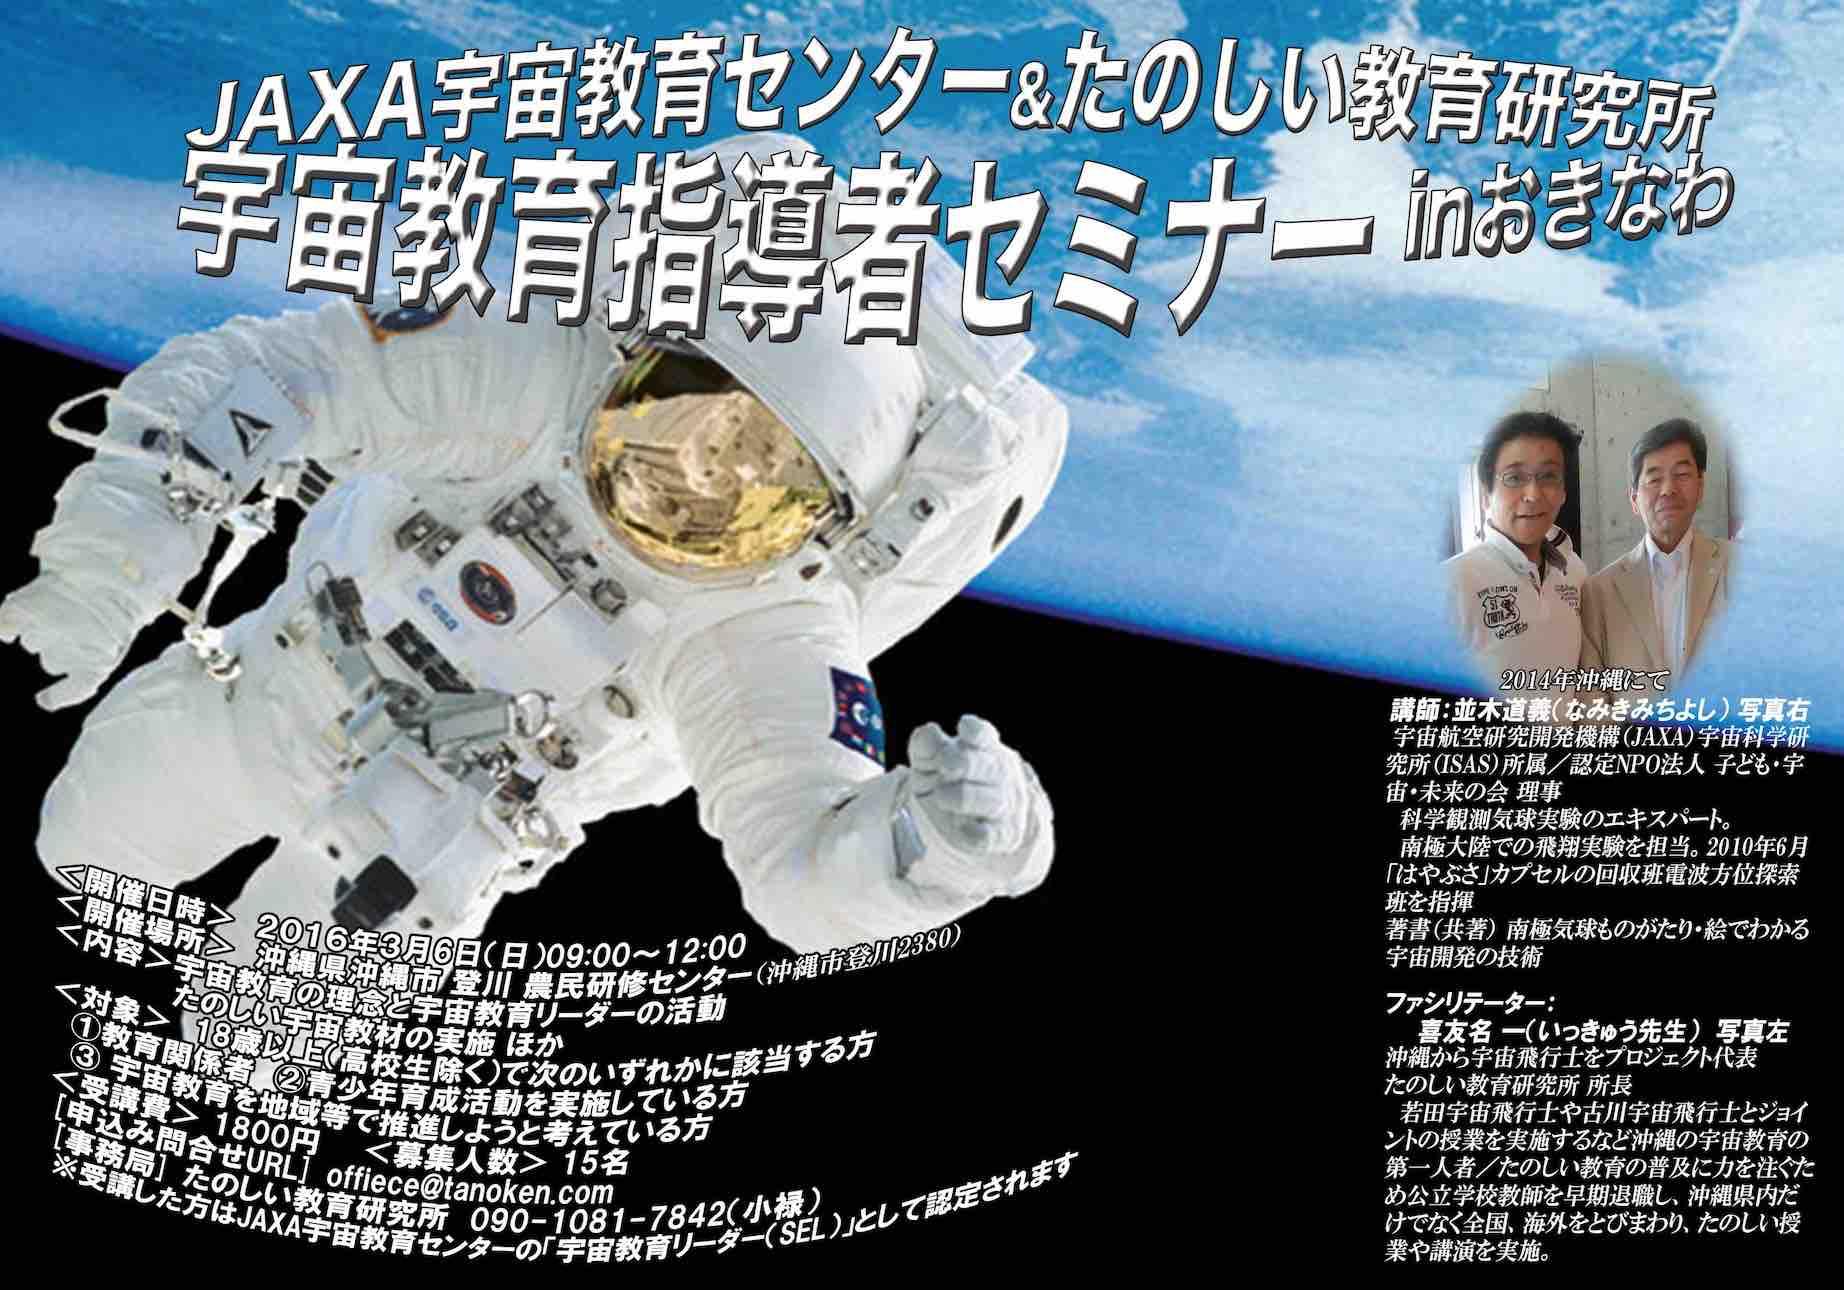 宇宙教育指導者セミナー2016沖縄